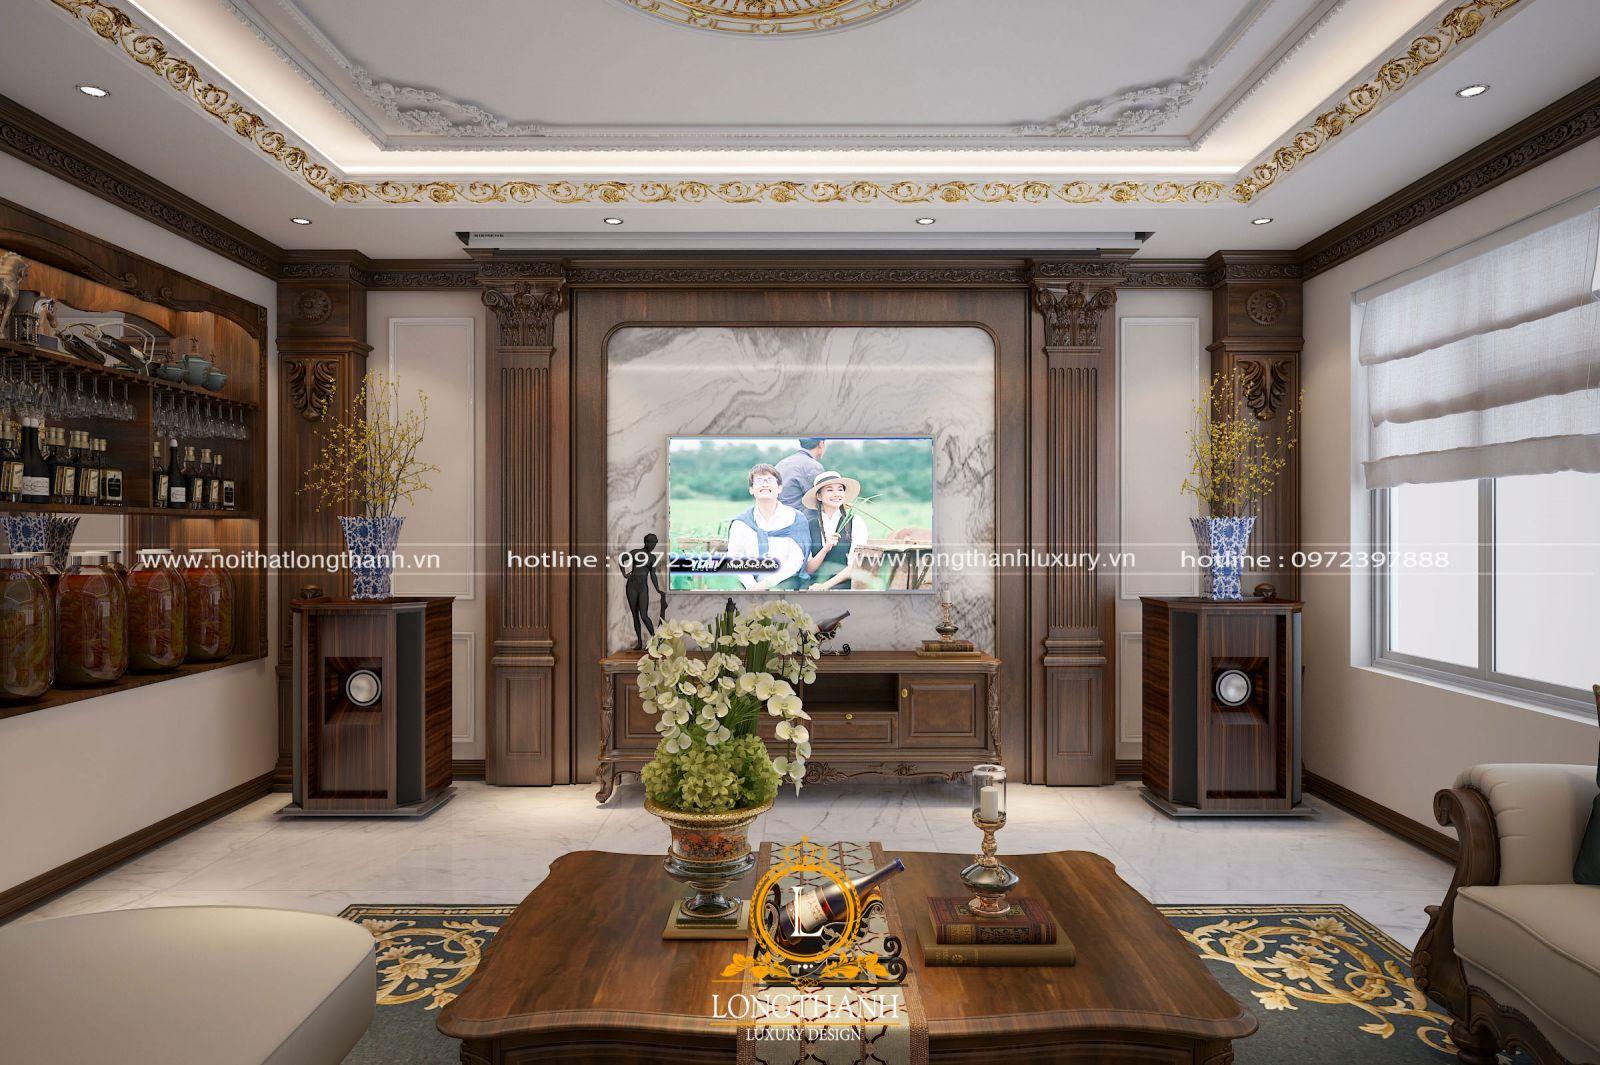 Thiết kế nội thất tân cổ điển luôn hướng đến tỷ lệ vàng cho không gian